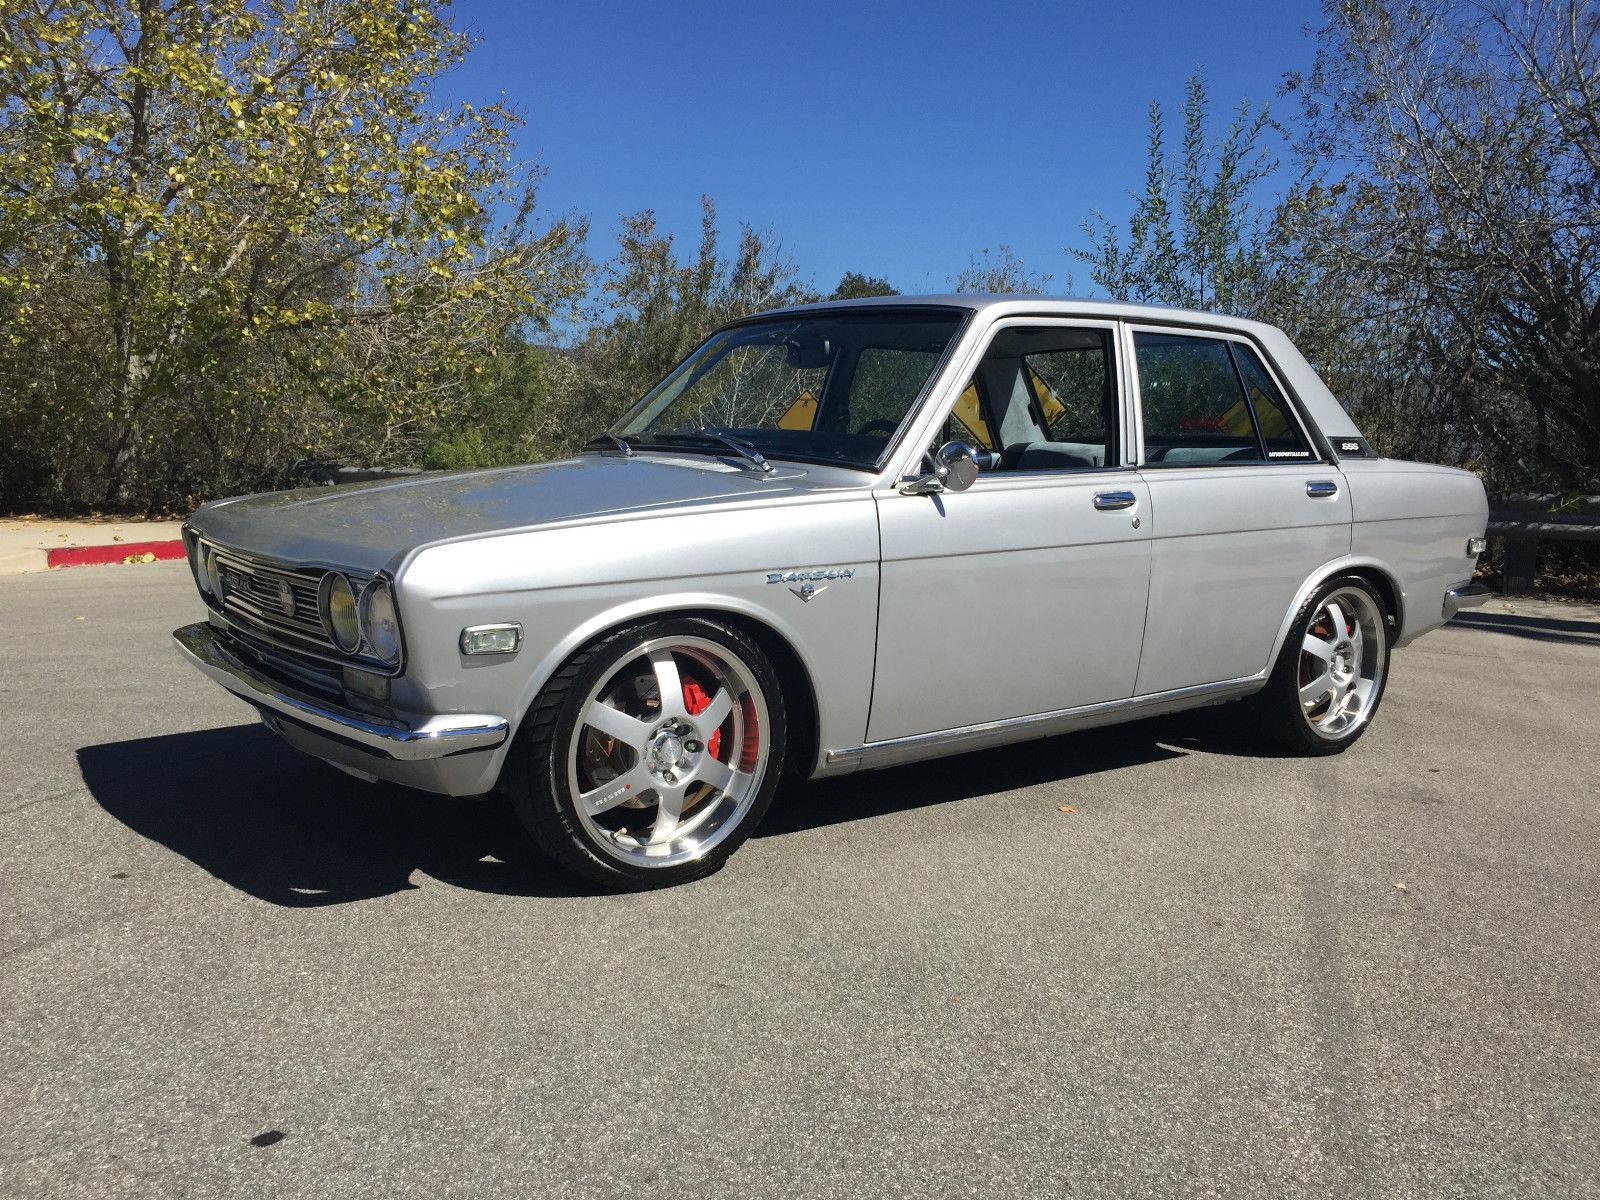 1971 Datsun 510 4 Door Sedan For Sale By Owner In Buellton